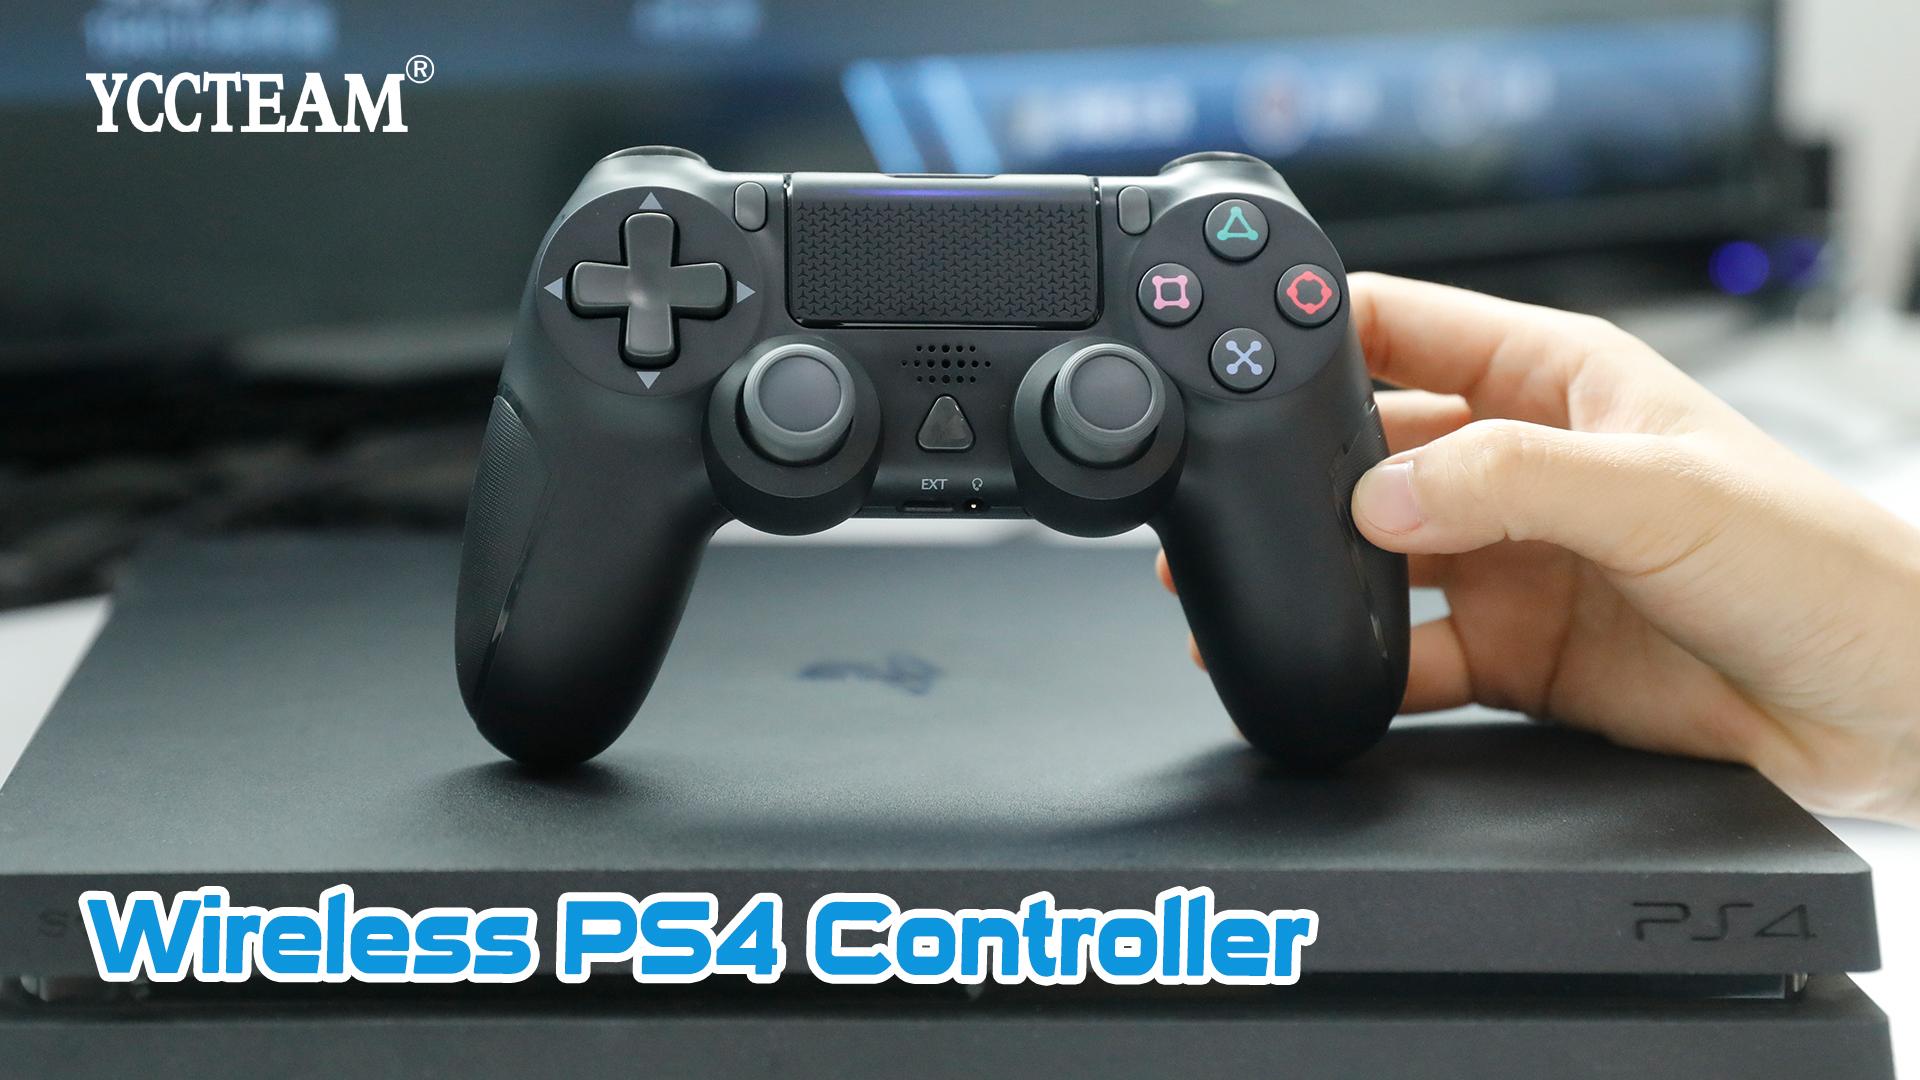 New Thiết Kế Bộ Điều Khiển Chơi Game Phím Điều Khiển Cho PS4/PS4 Pro/PS4 Điều Khiển Không Dây Mỏng Trong Trắng